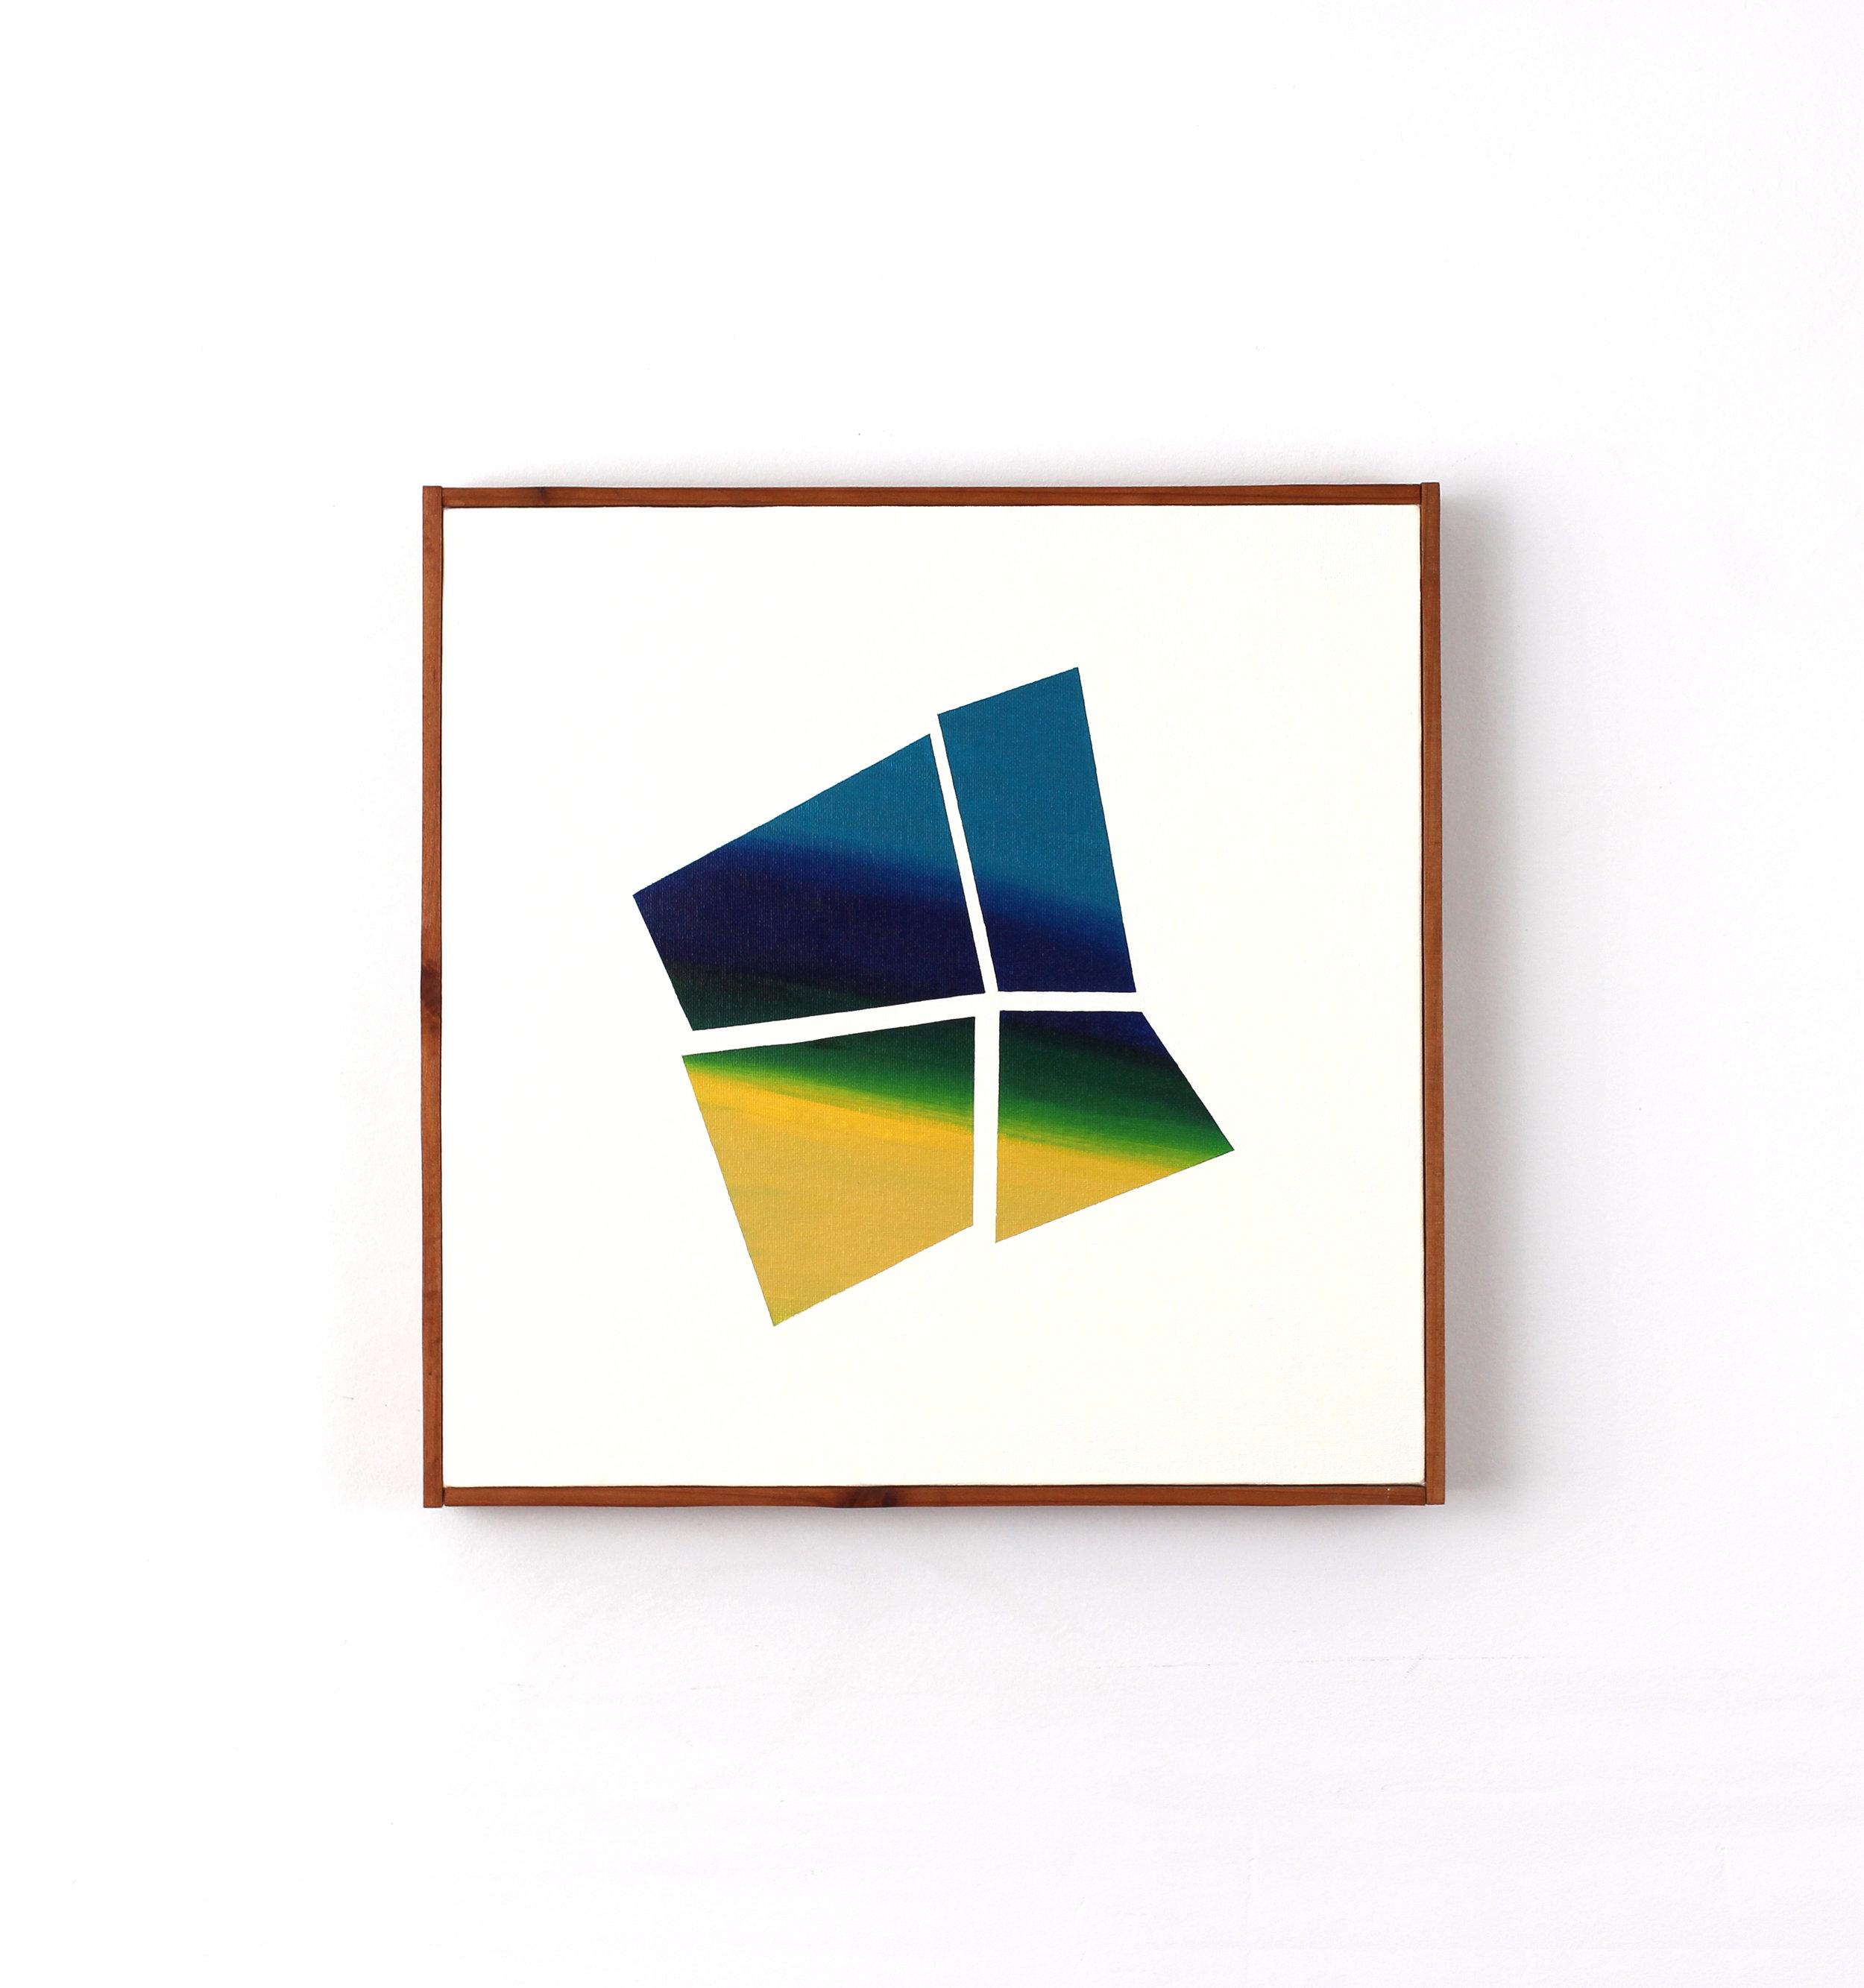 Dances of Square, #19